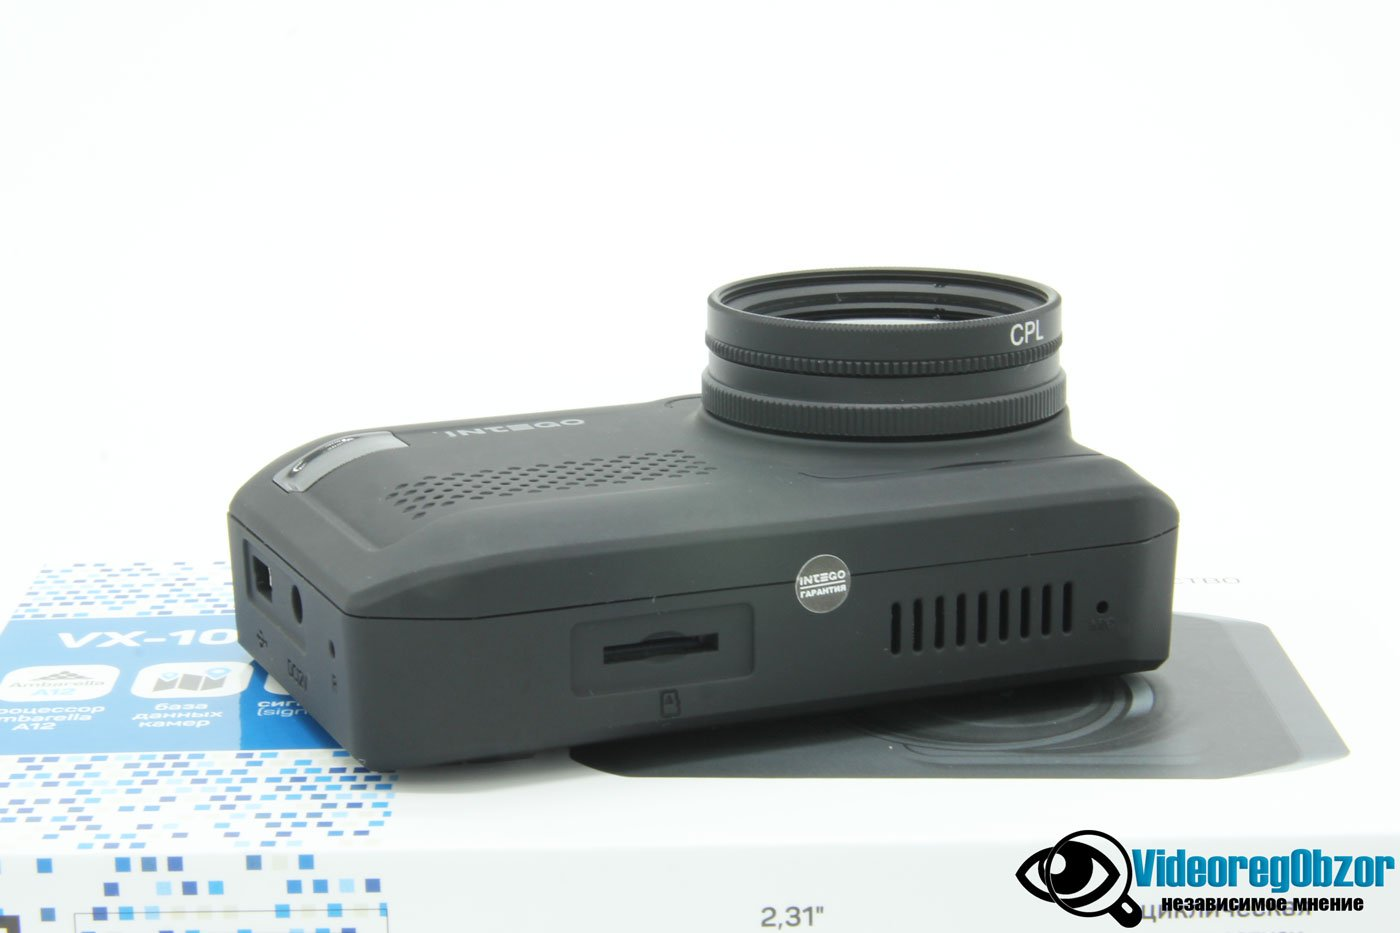 INTEGO VX 1000S 29